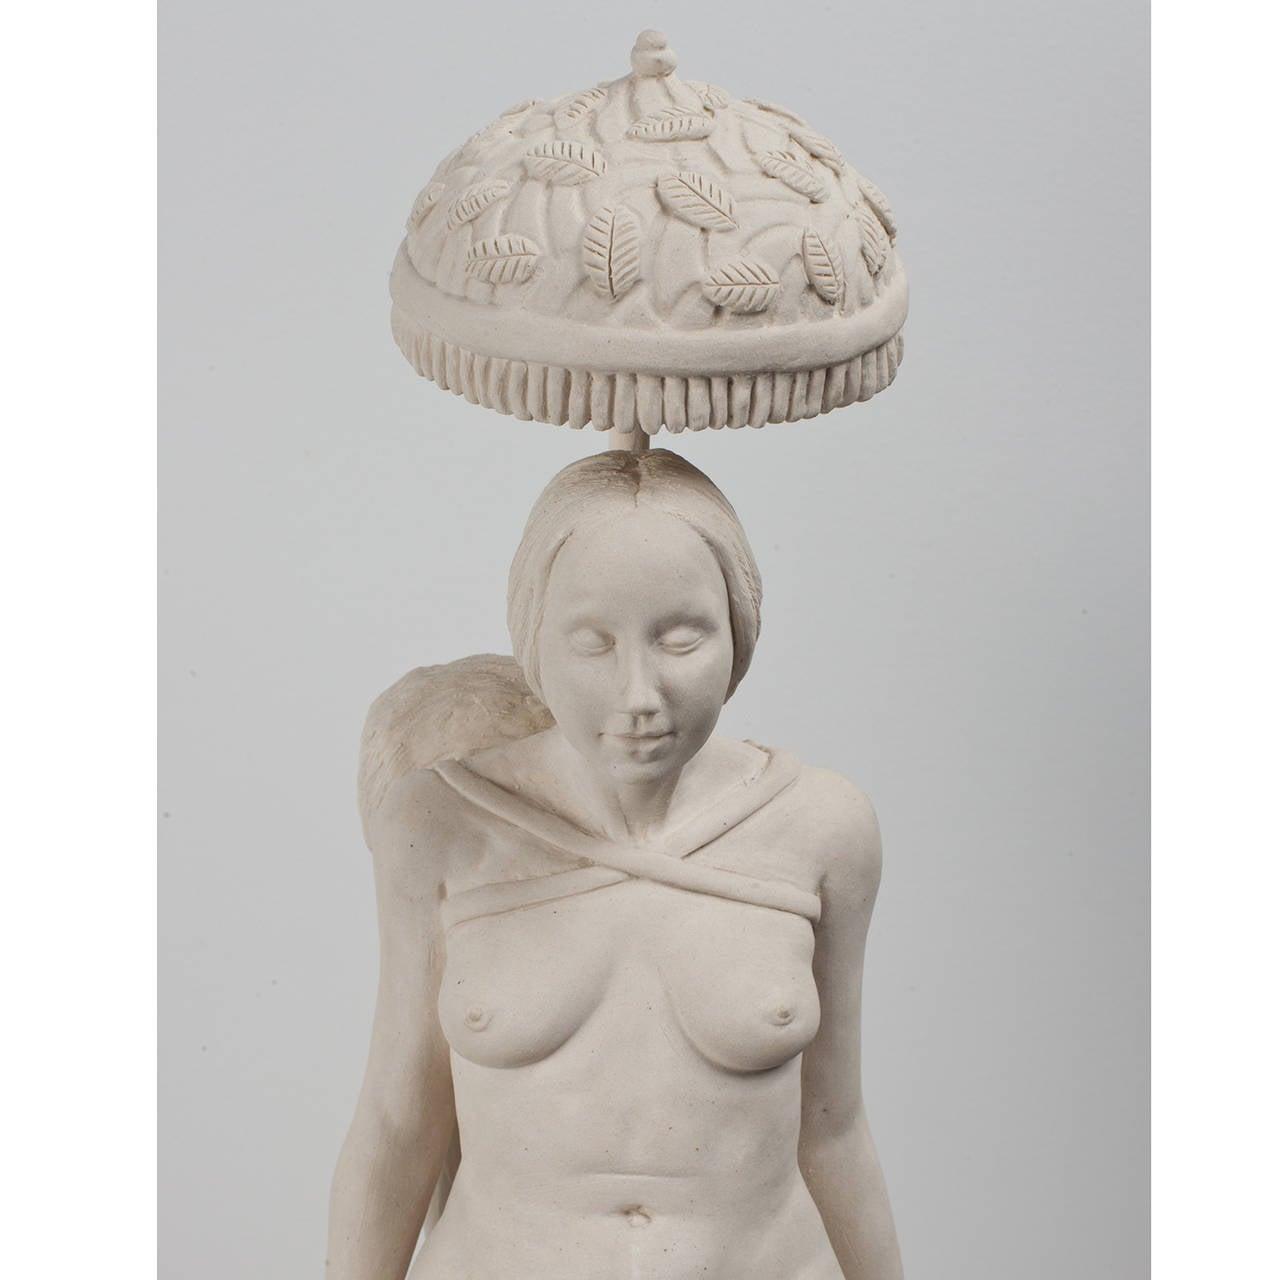 Hand carved porcelain sculpture.